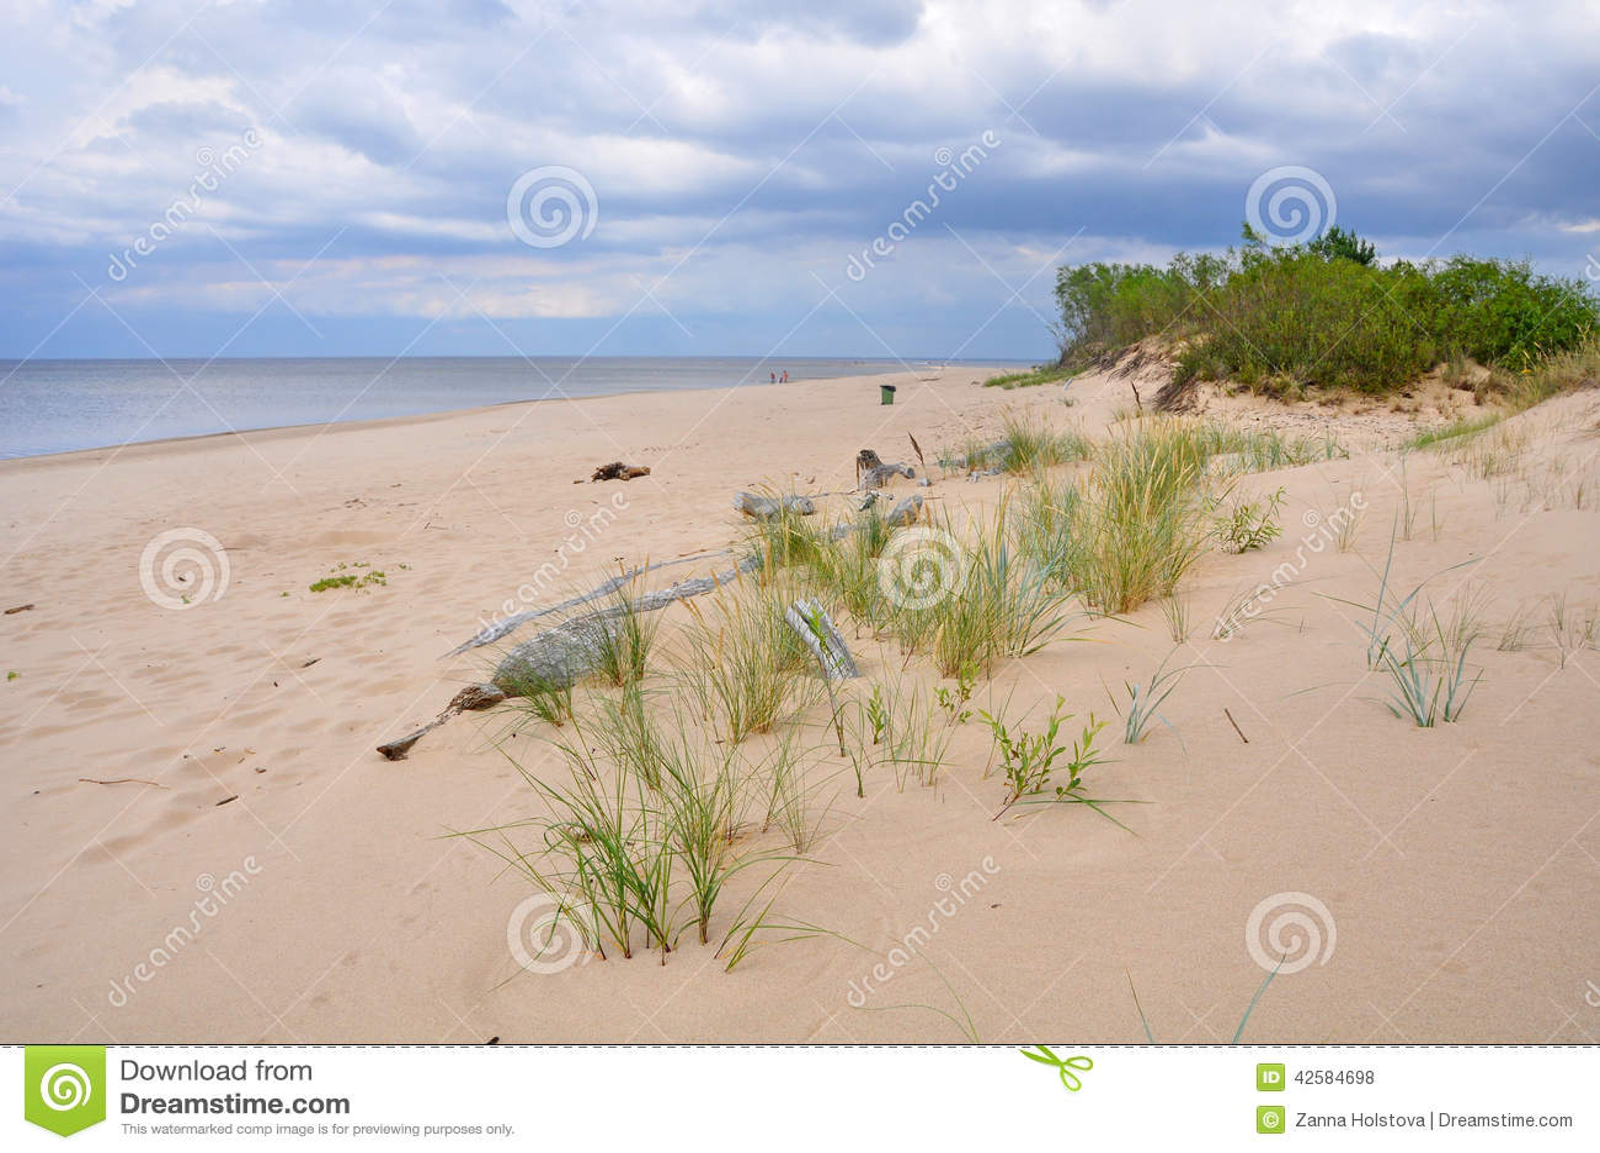 Dunes, Saulkrasti, mer baltique, Lettonie